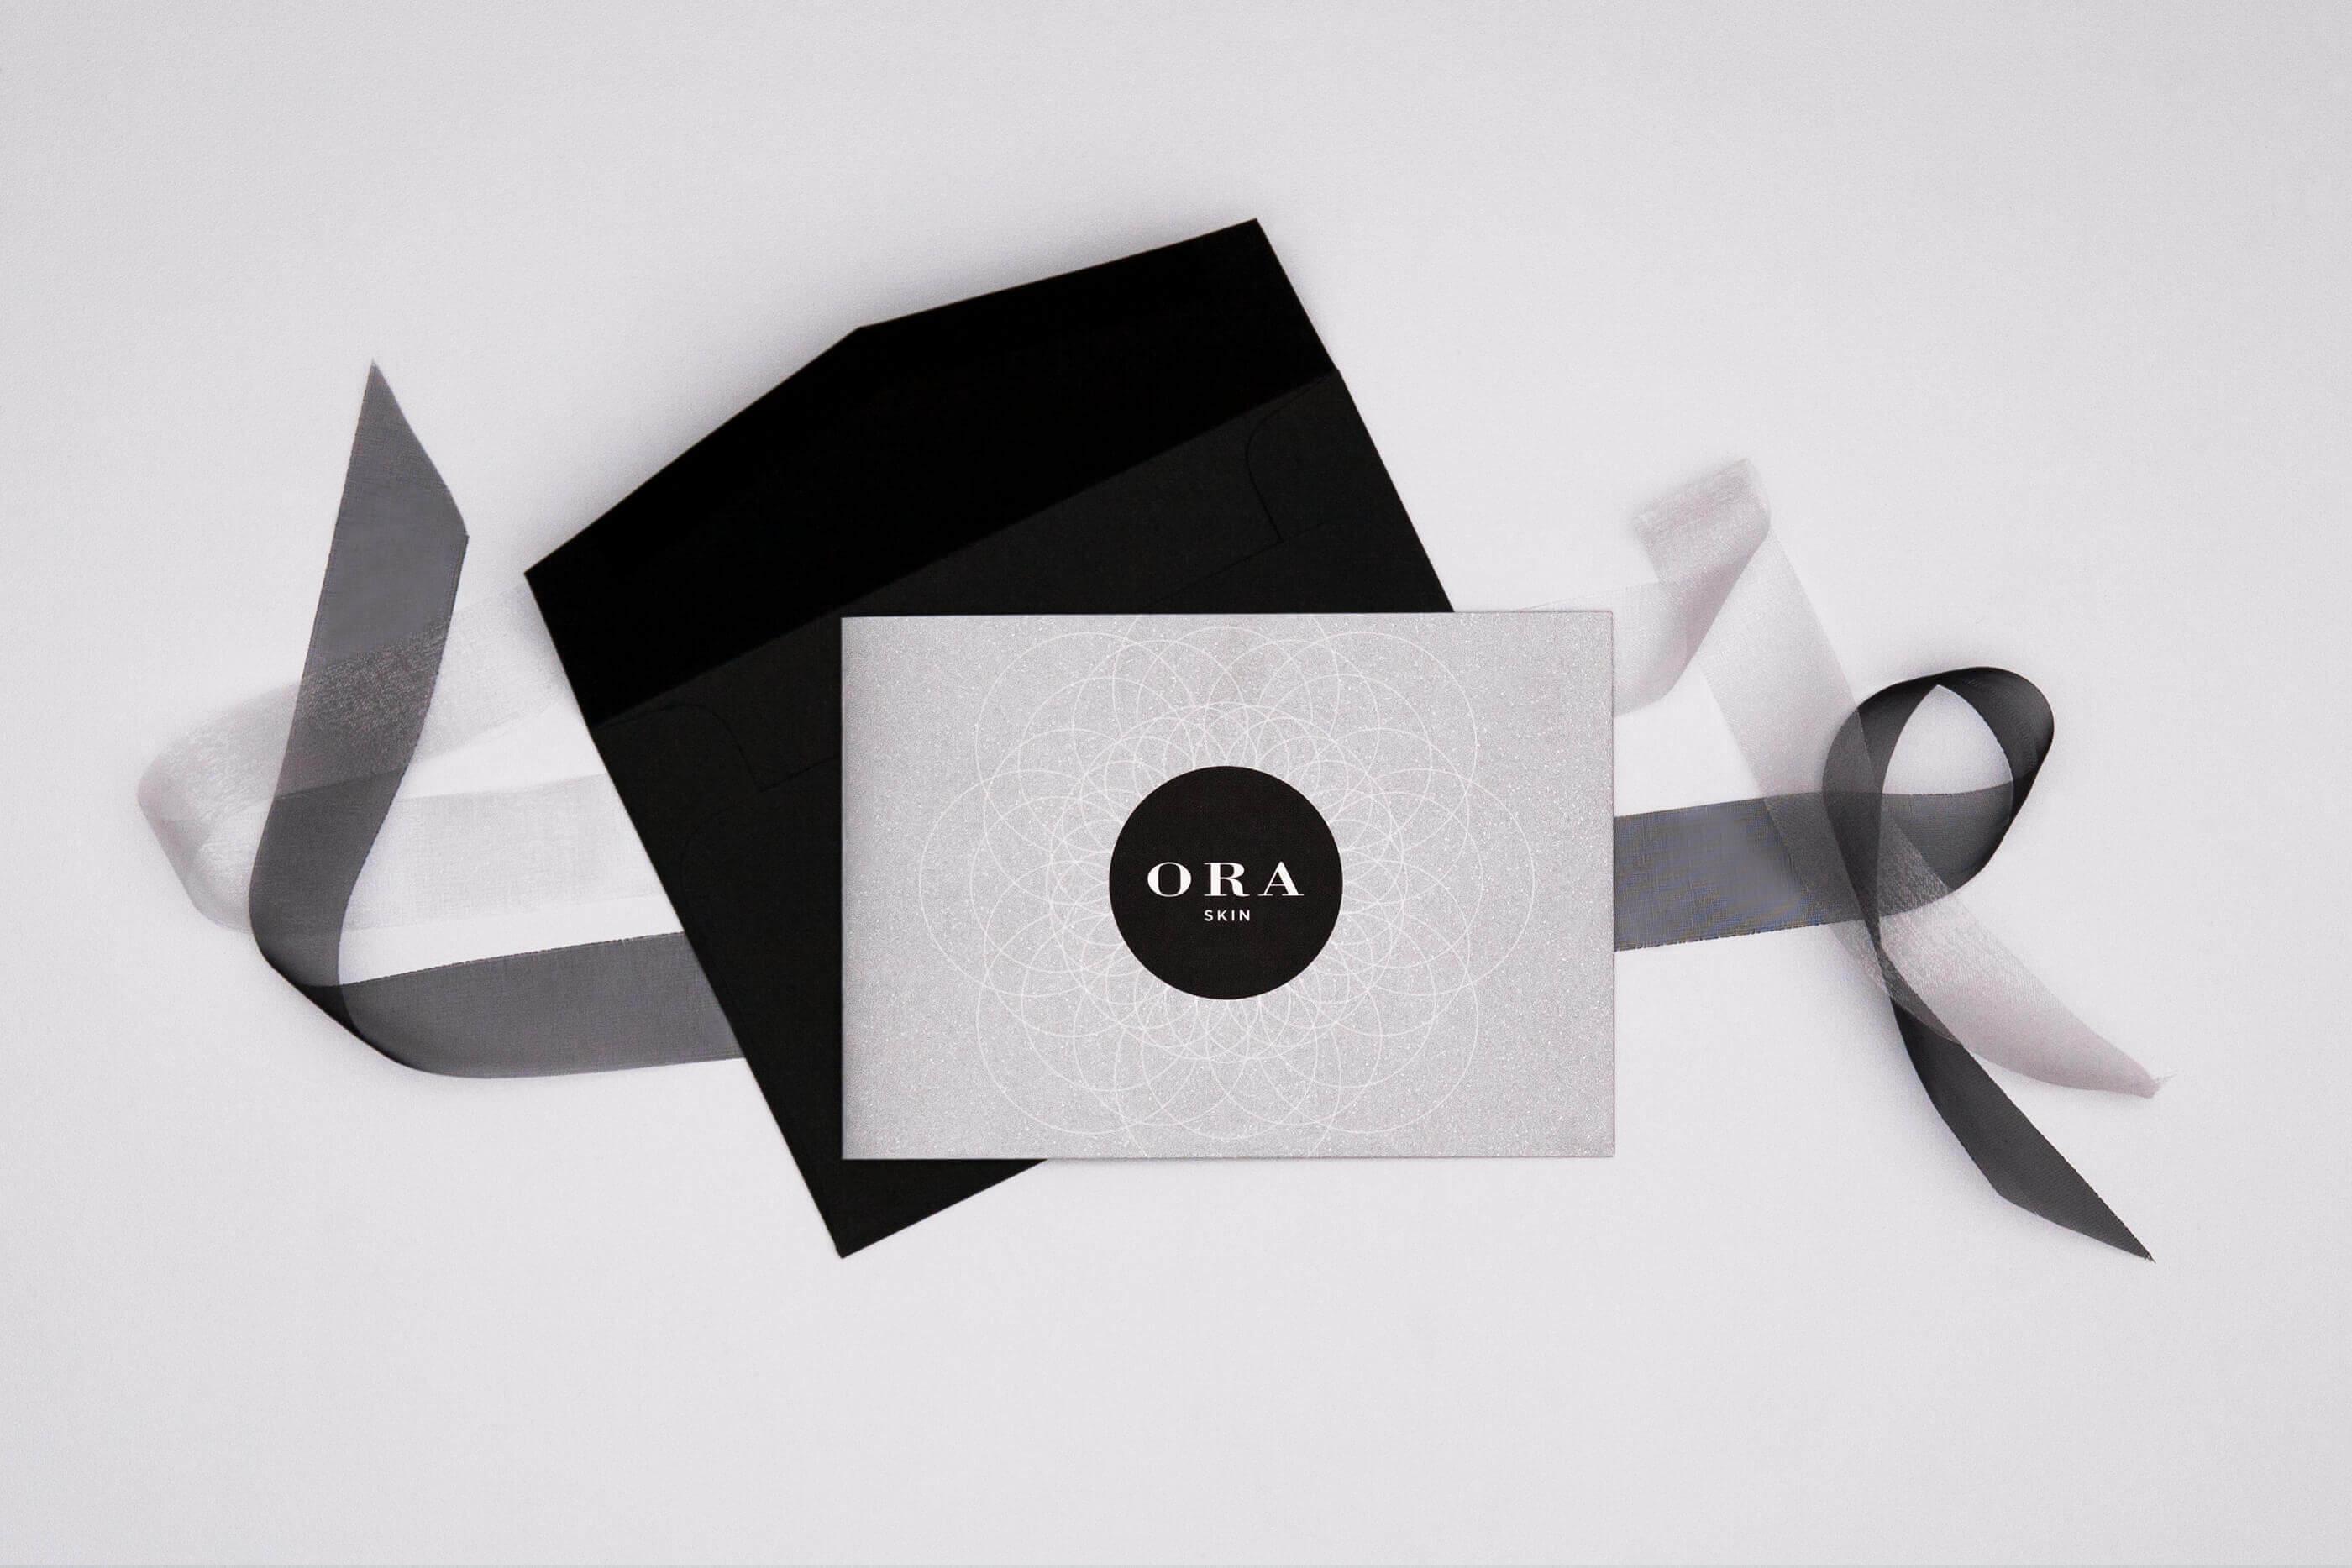 ora_gift_voucher1